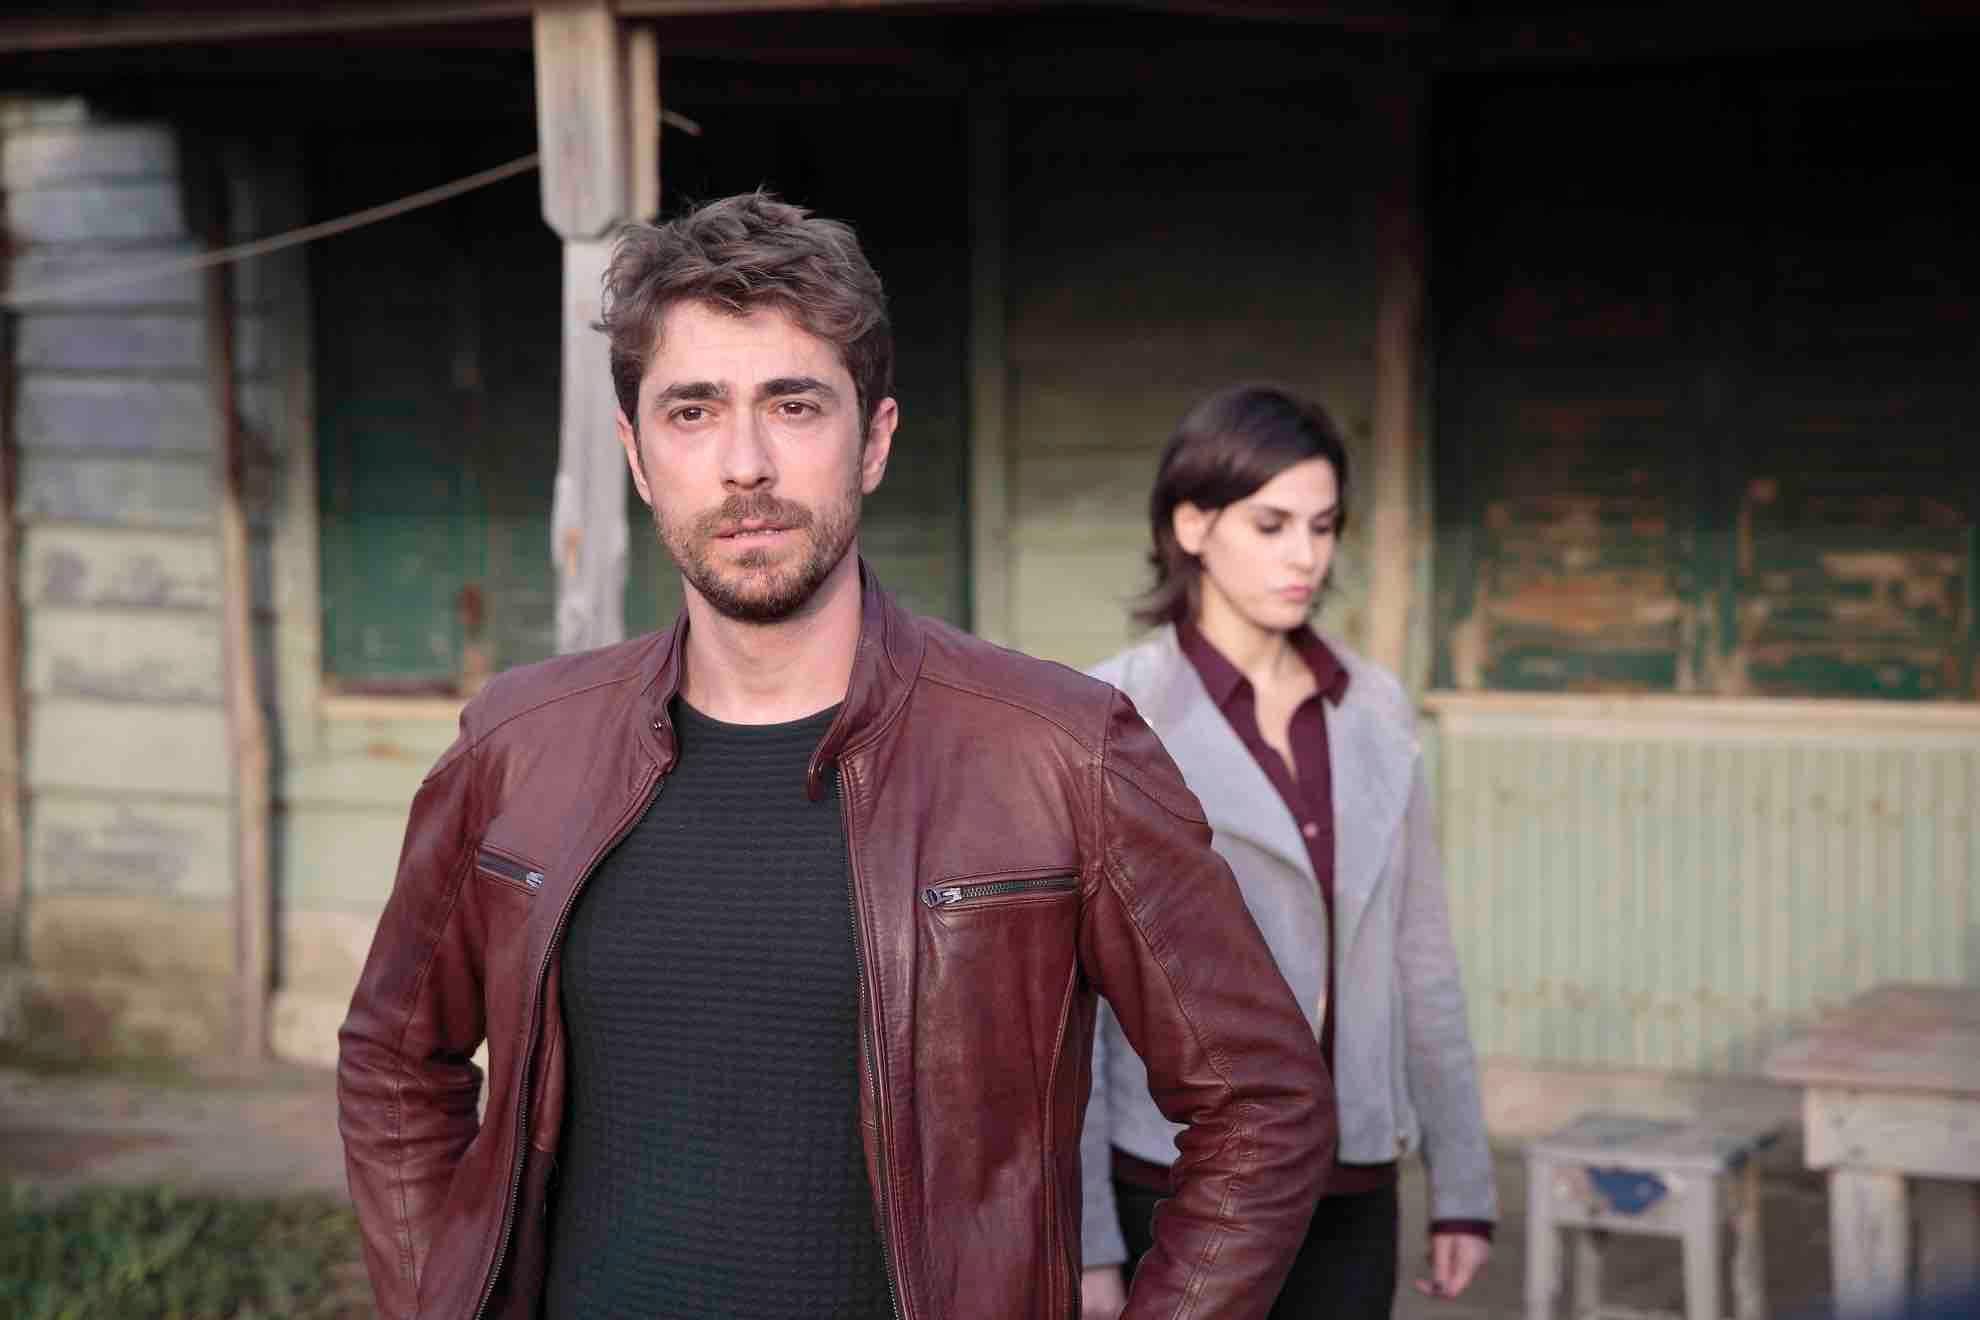 Squadra Antimafia 7 - Giovanni Scifoni (Davide Tempofosco) e Daniela Marra (Anna Cantalupo)